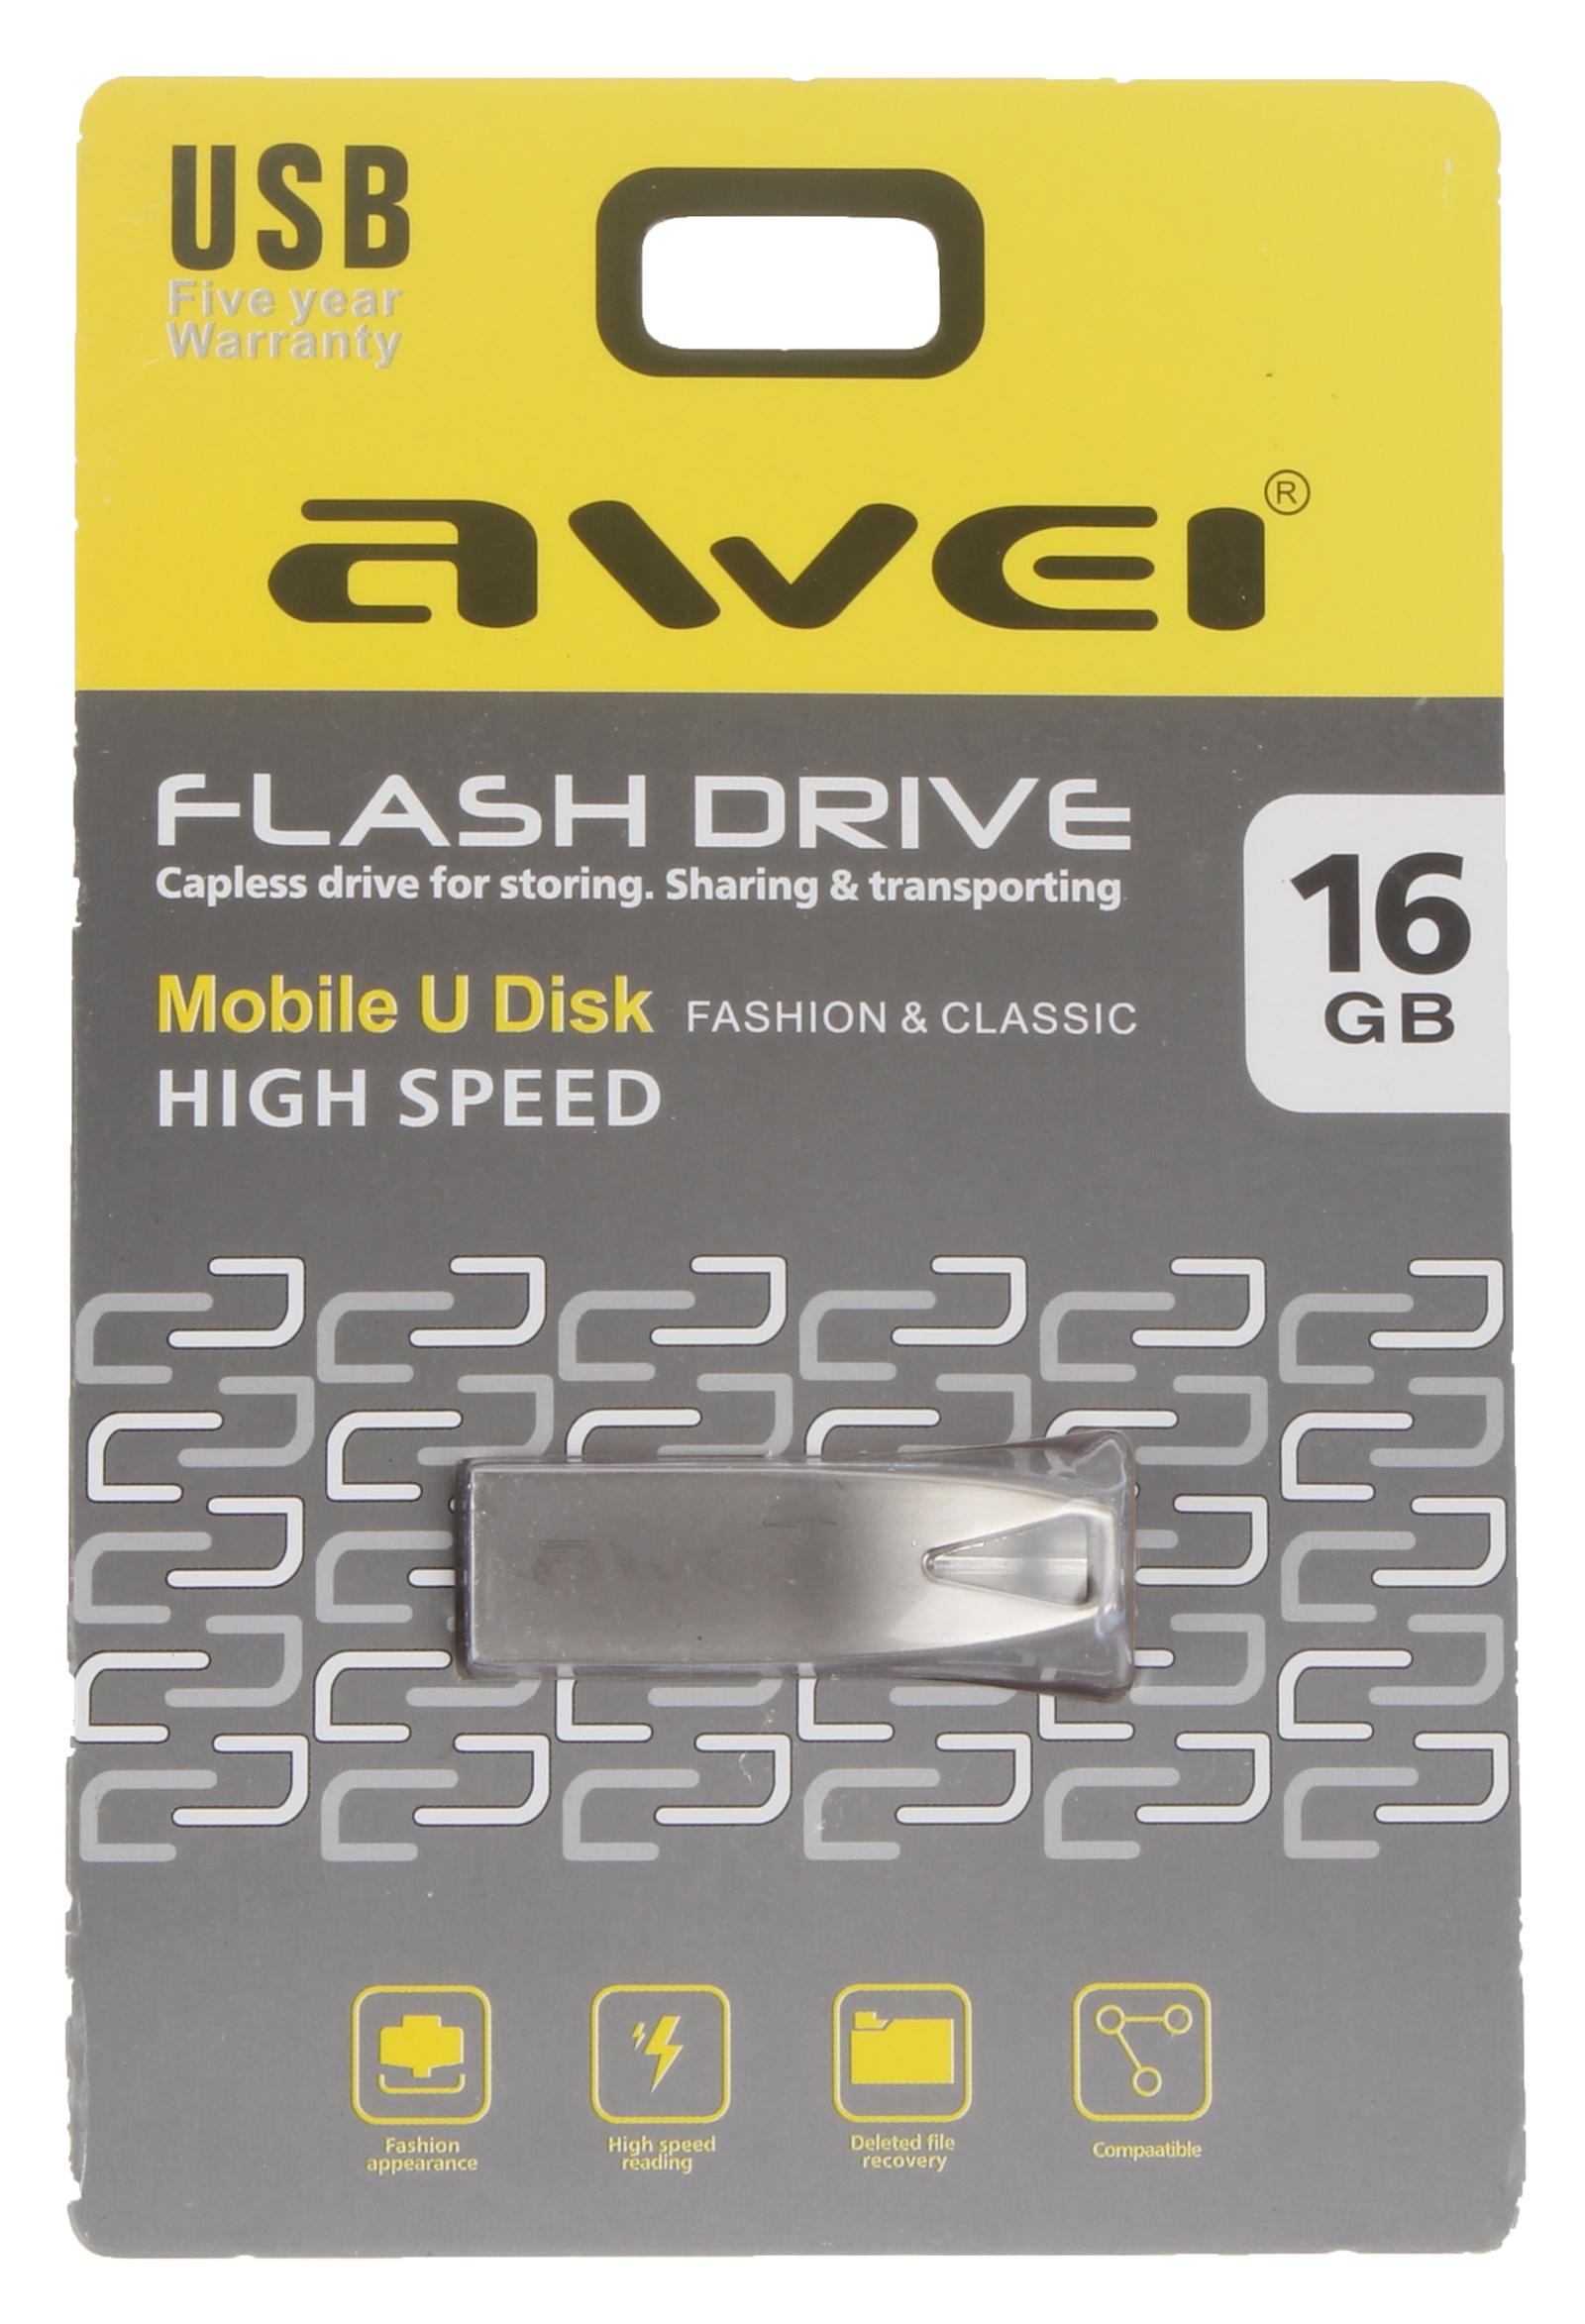 USB Флеш-накопитель Awei USB 16 Gb, AWUS16, серебристый